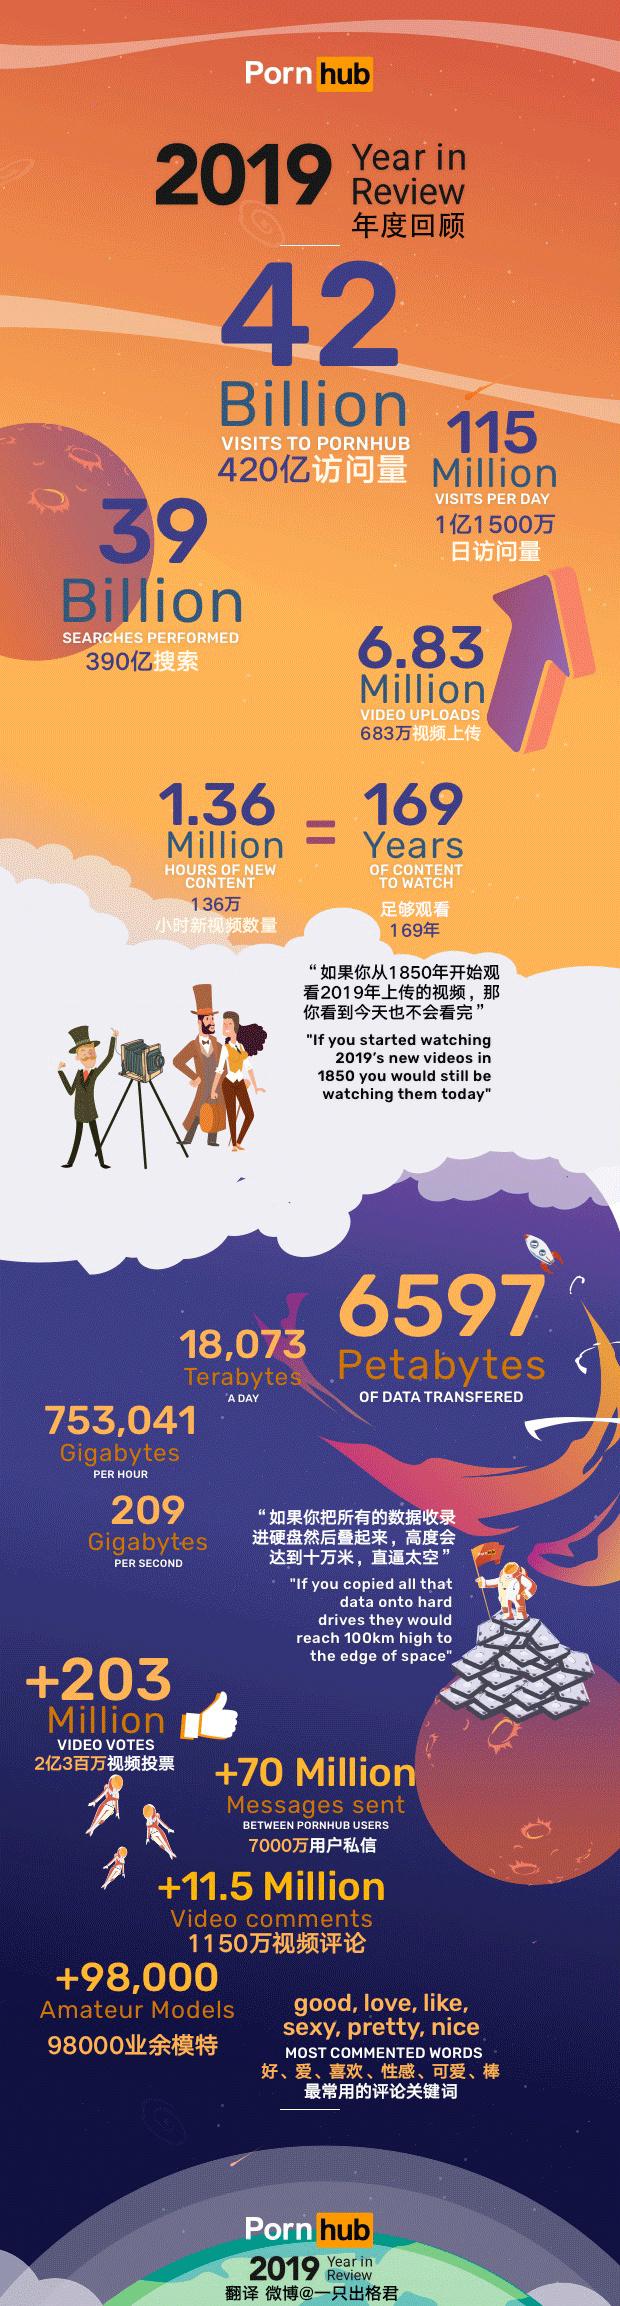 2019年P站的年度总结报告